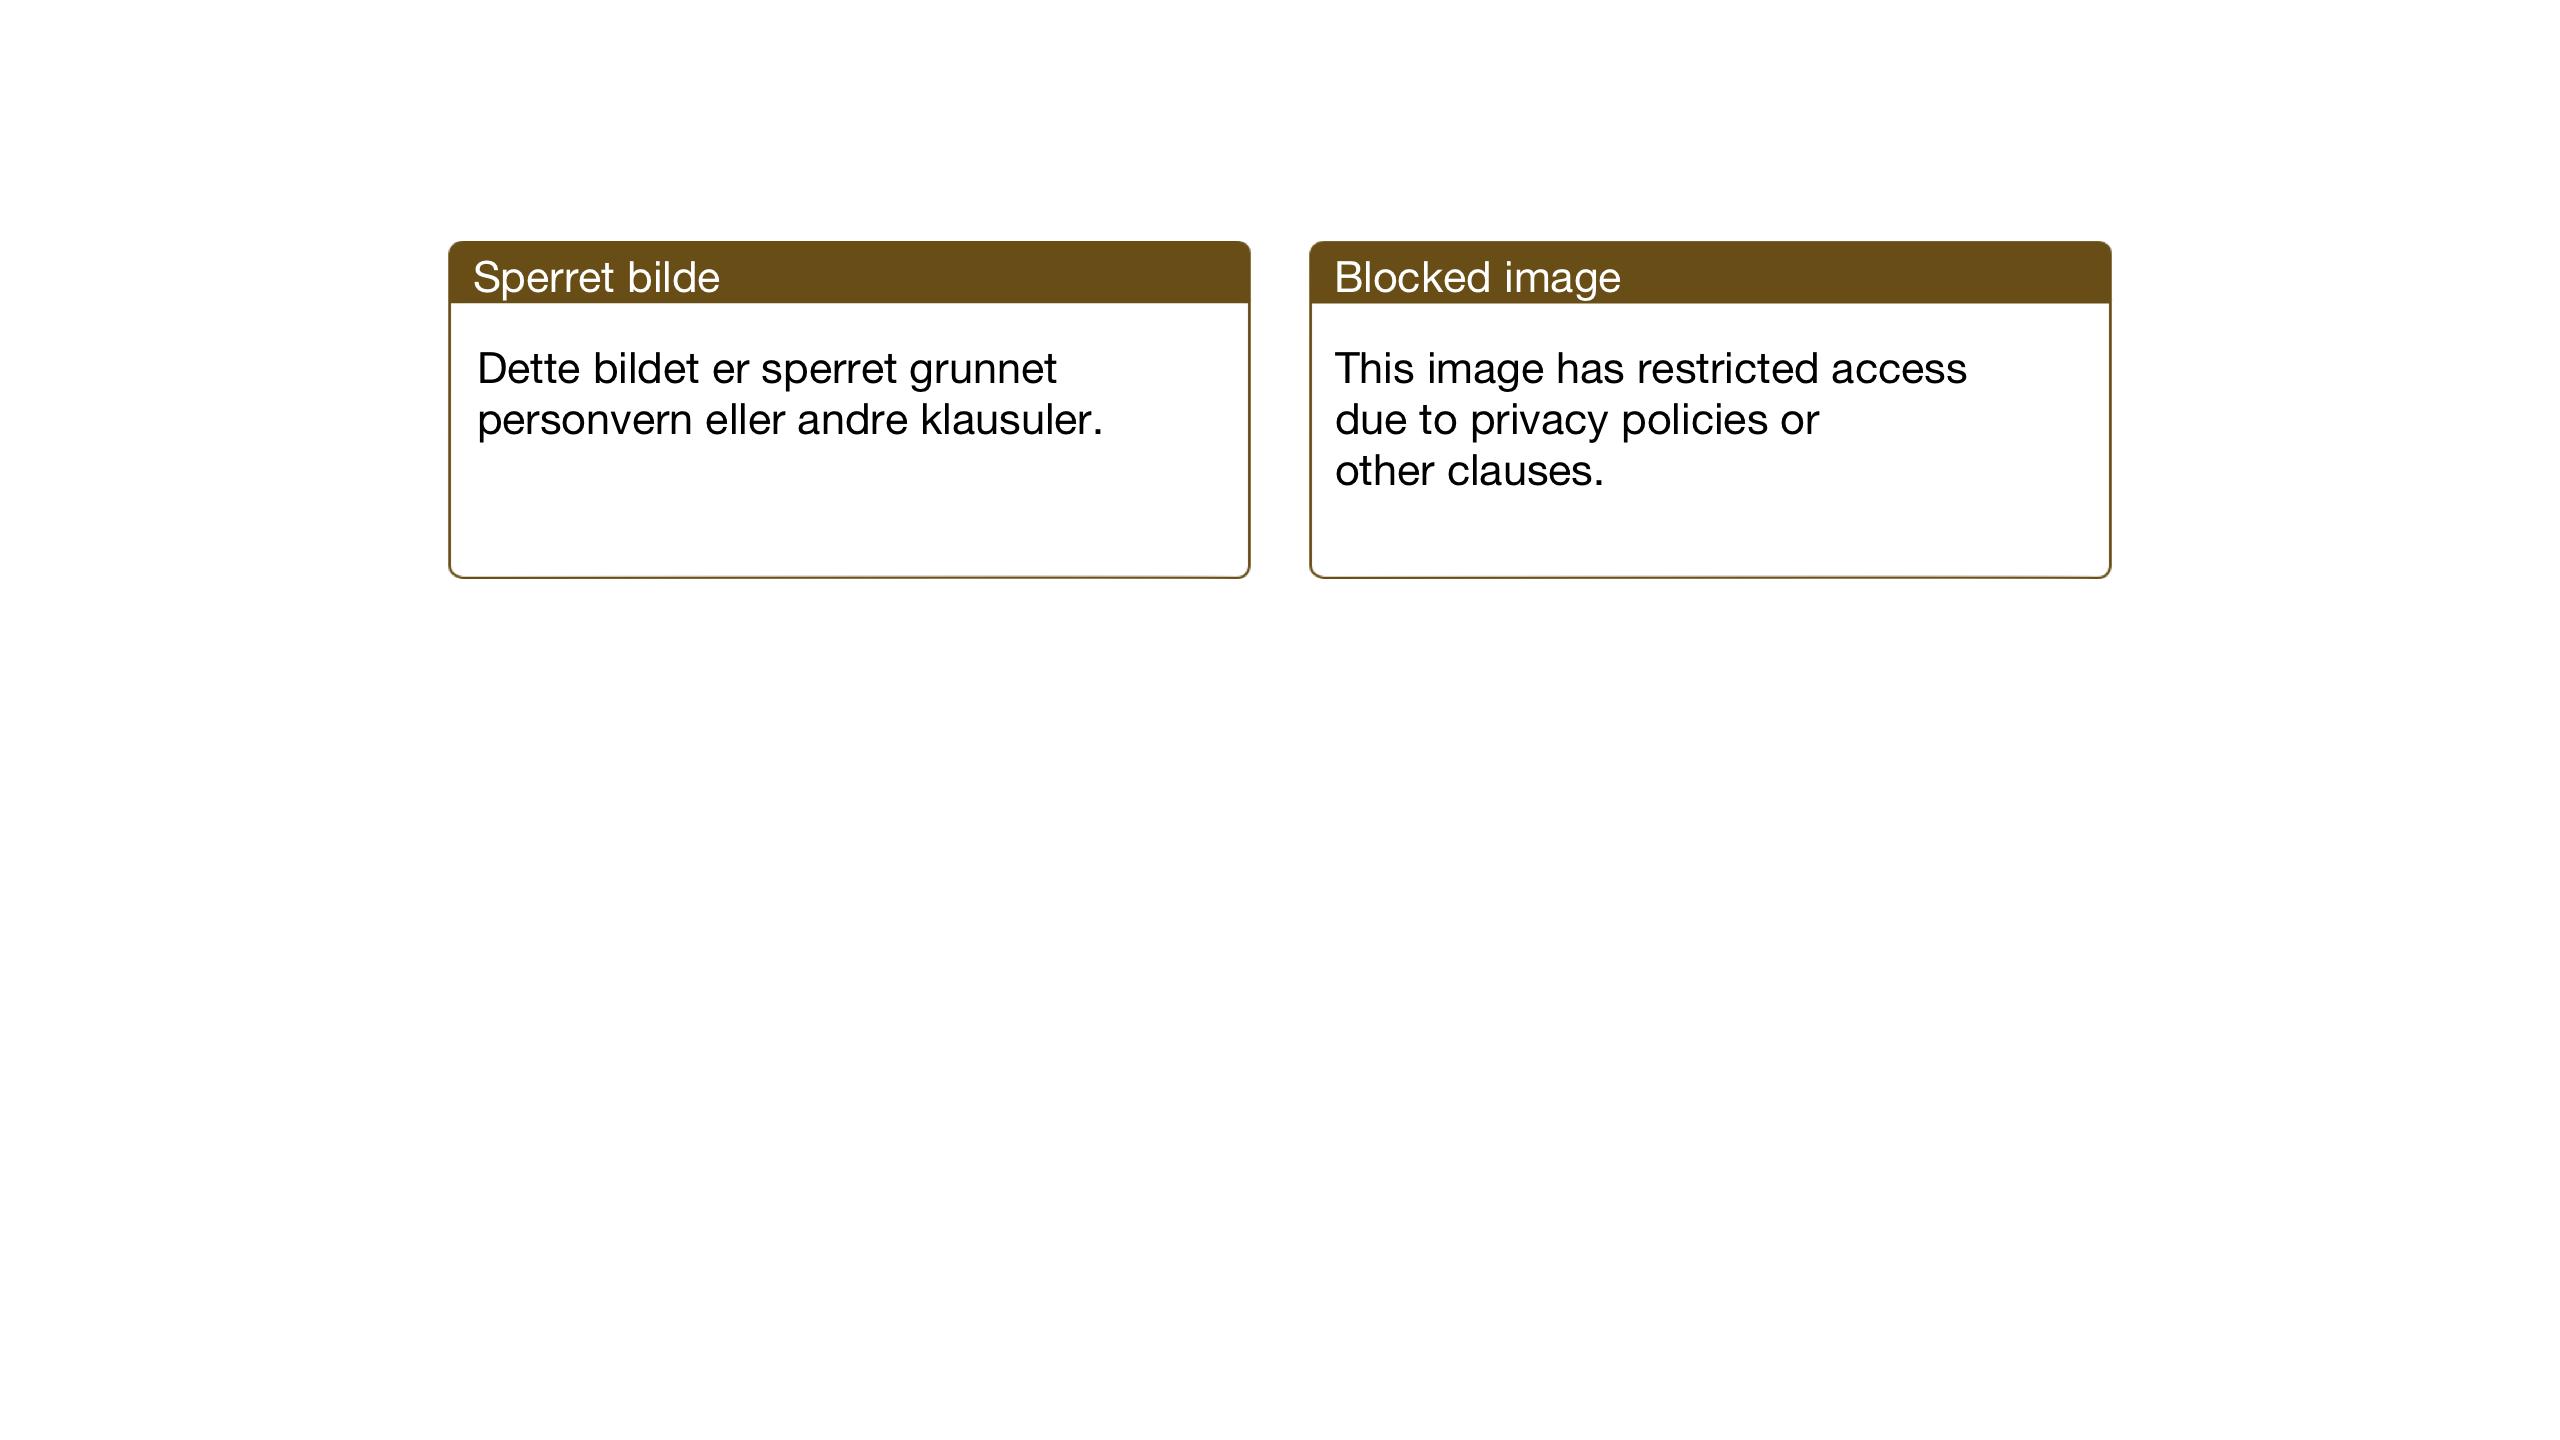 SAT, Ministerialprotokoller, klokkerbøker og fødselsregistre - Sør-Trøndelag, 674/L0878: Klokkerbok nr. 674C05, 1941-1950, s. 87